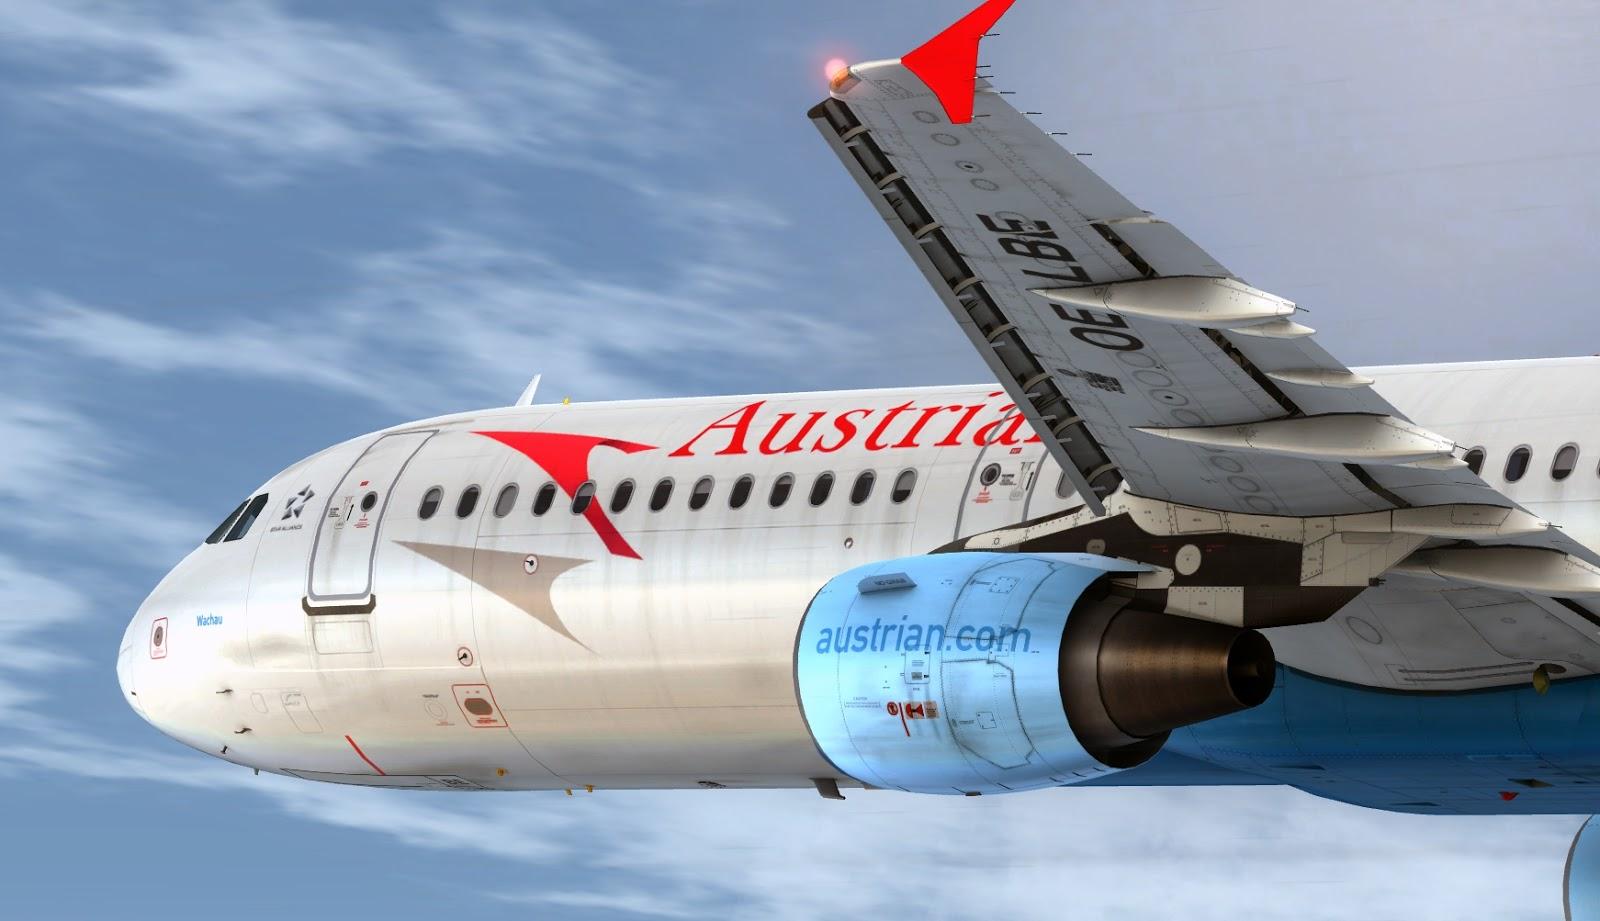 FSX Mundial - Addons para FSX: Aerosoft Airbus 1 30 (A318